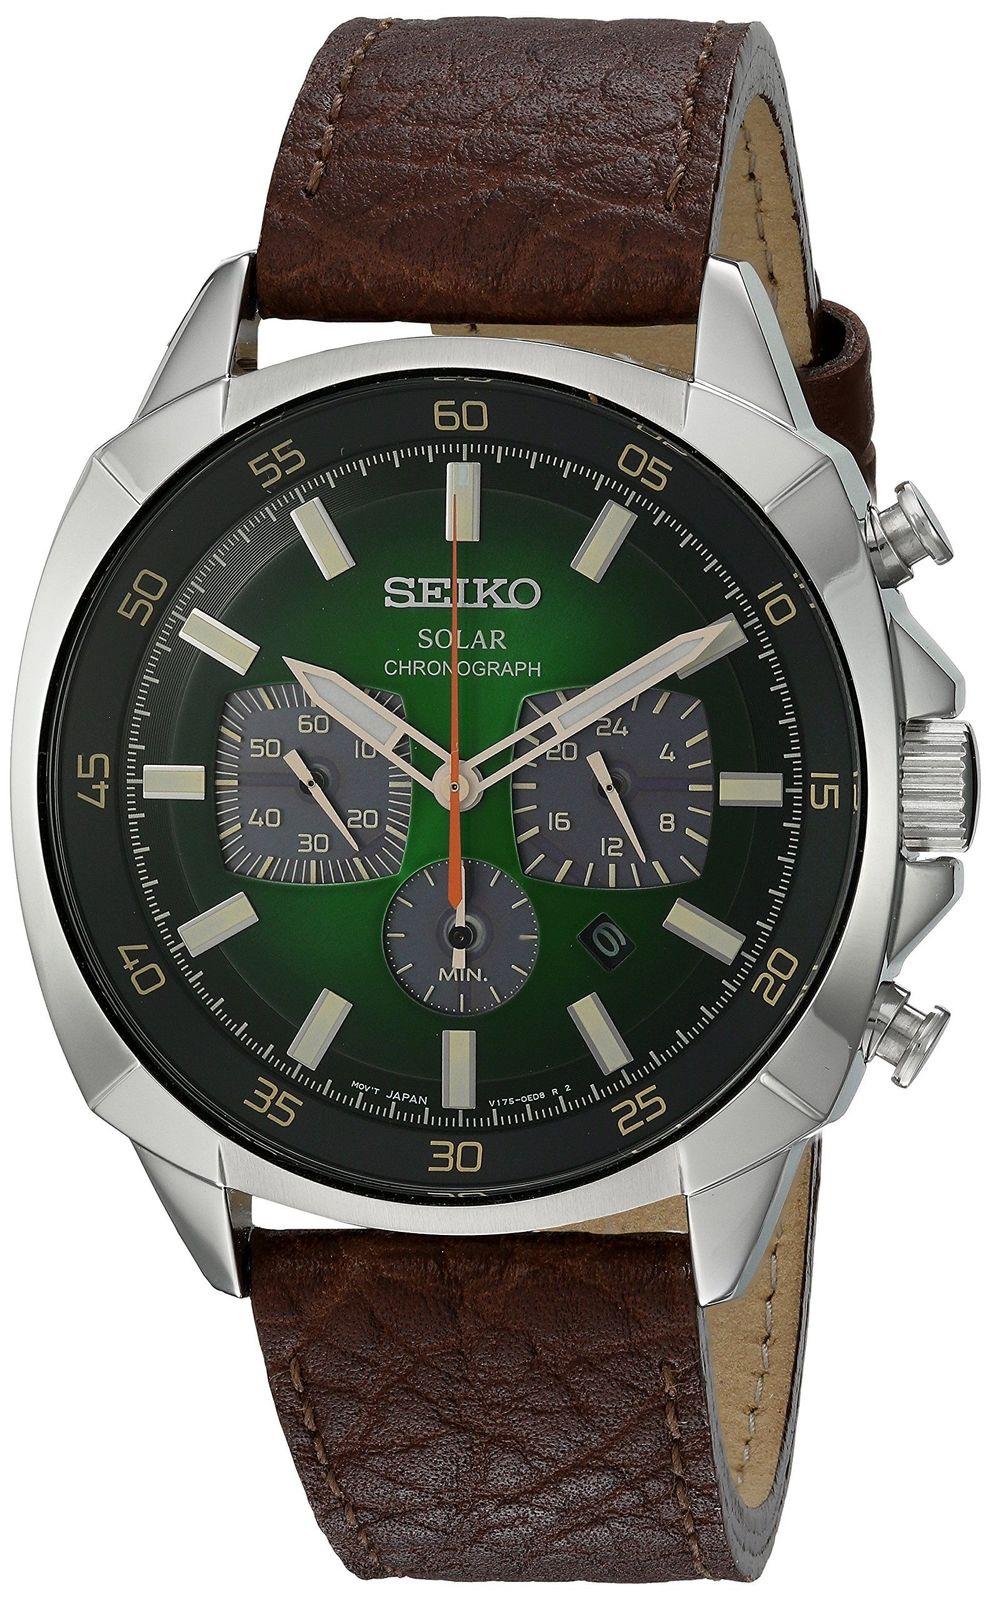 นาฬิกาผู้ชาย Seiko รุ่น SSC513, Solar Chronograph Brown Leather Strap